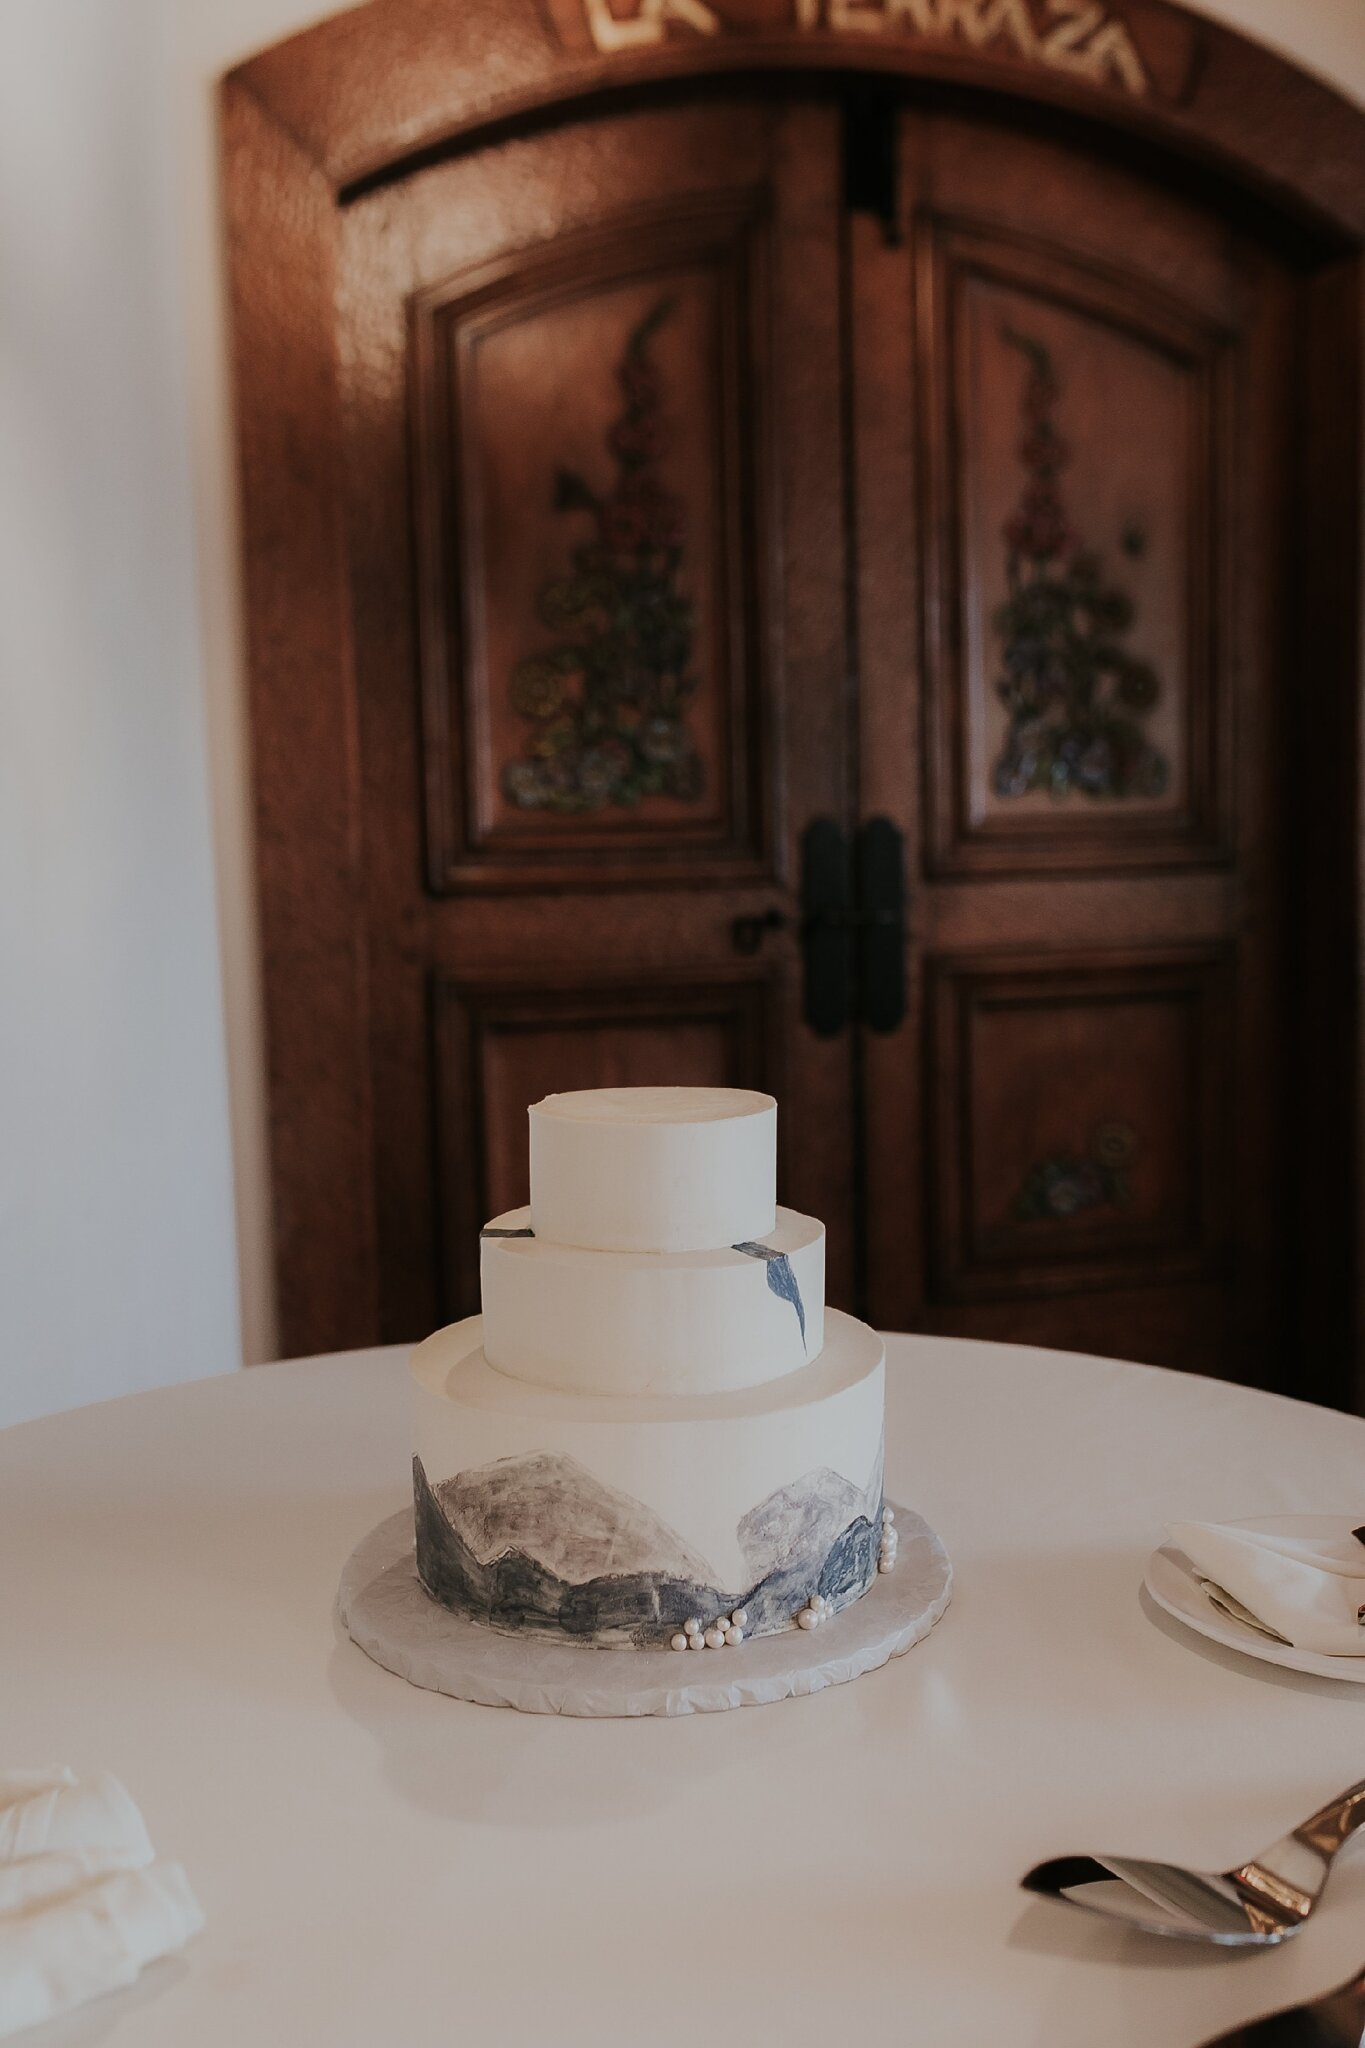 Alicia+lucia+photography+-+albuquerque+wedding+photographer+-+santa+fe+wedding+photography+-+new+mexico+wedding+photographer+-+new+mexico+wedding+-+wedding+-+wedding+cakes+-+flroal+cake+-+santa+fe+cake+-+santa+fe+baker_0027.jpg